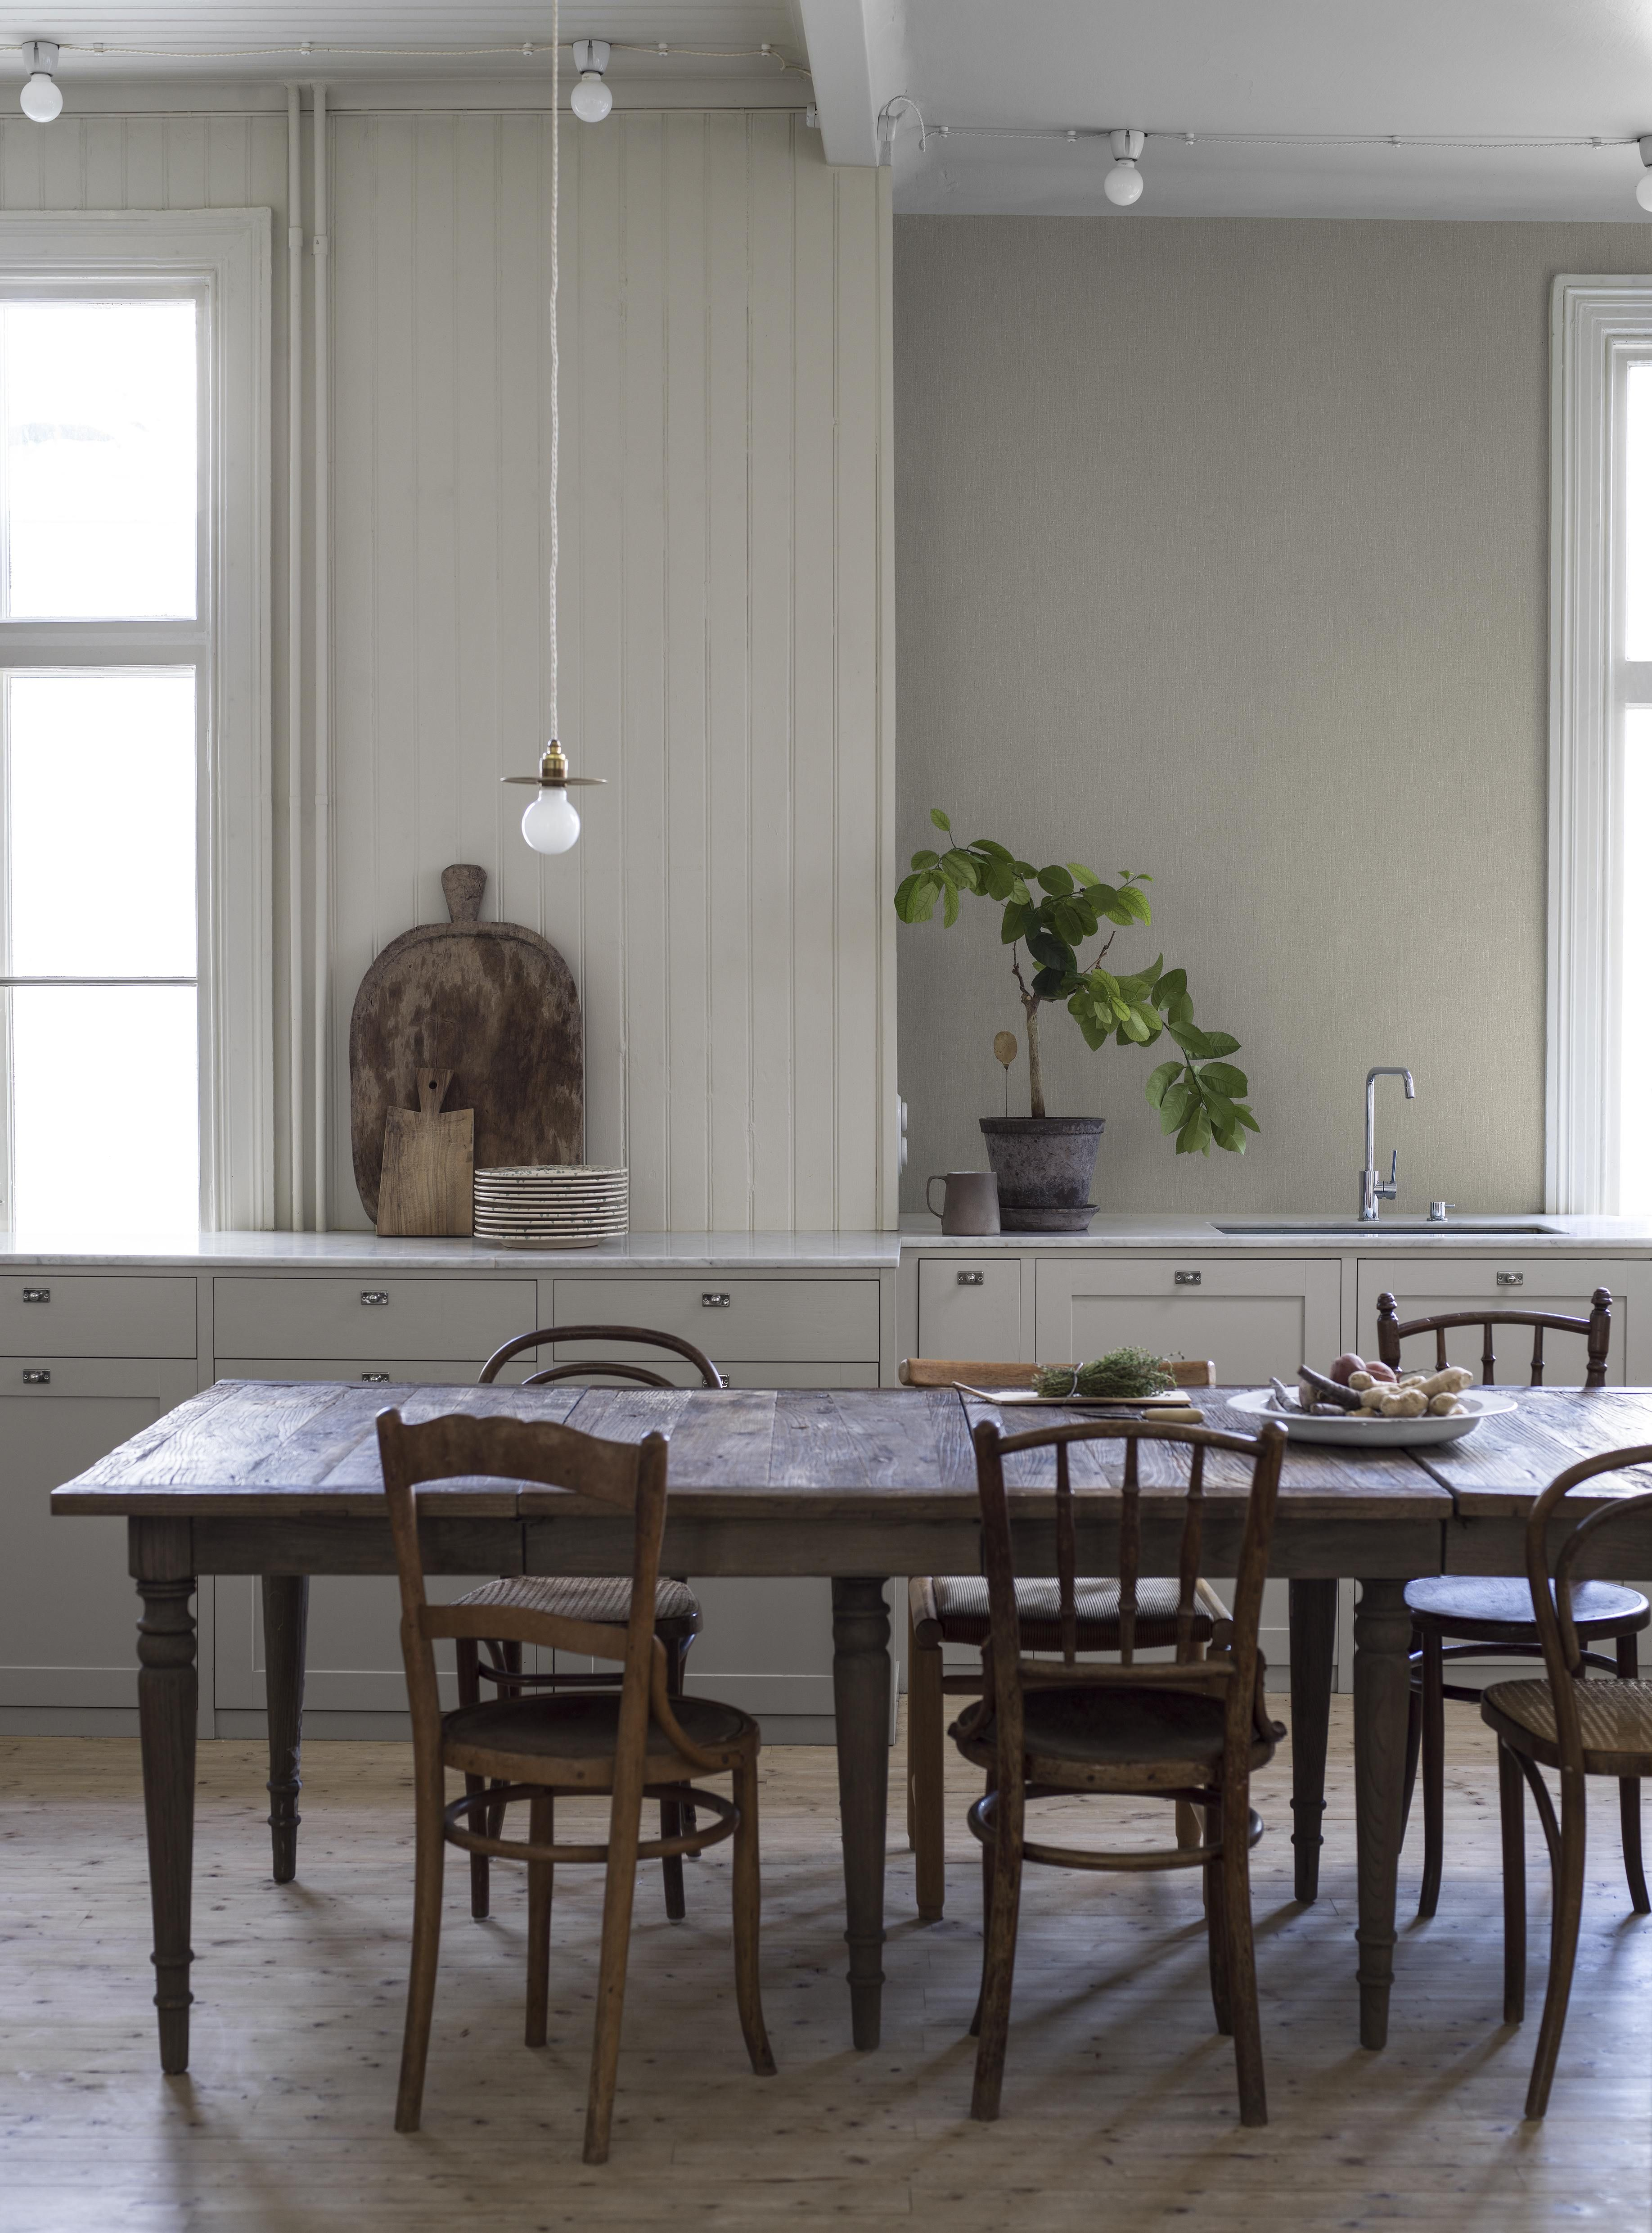 20 Snygga Och Inspirerande Tapeter For Kok Inredning Bord Vardagsrum Skandinaviskt Kok